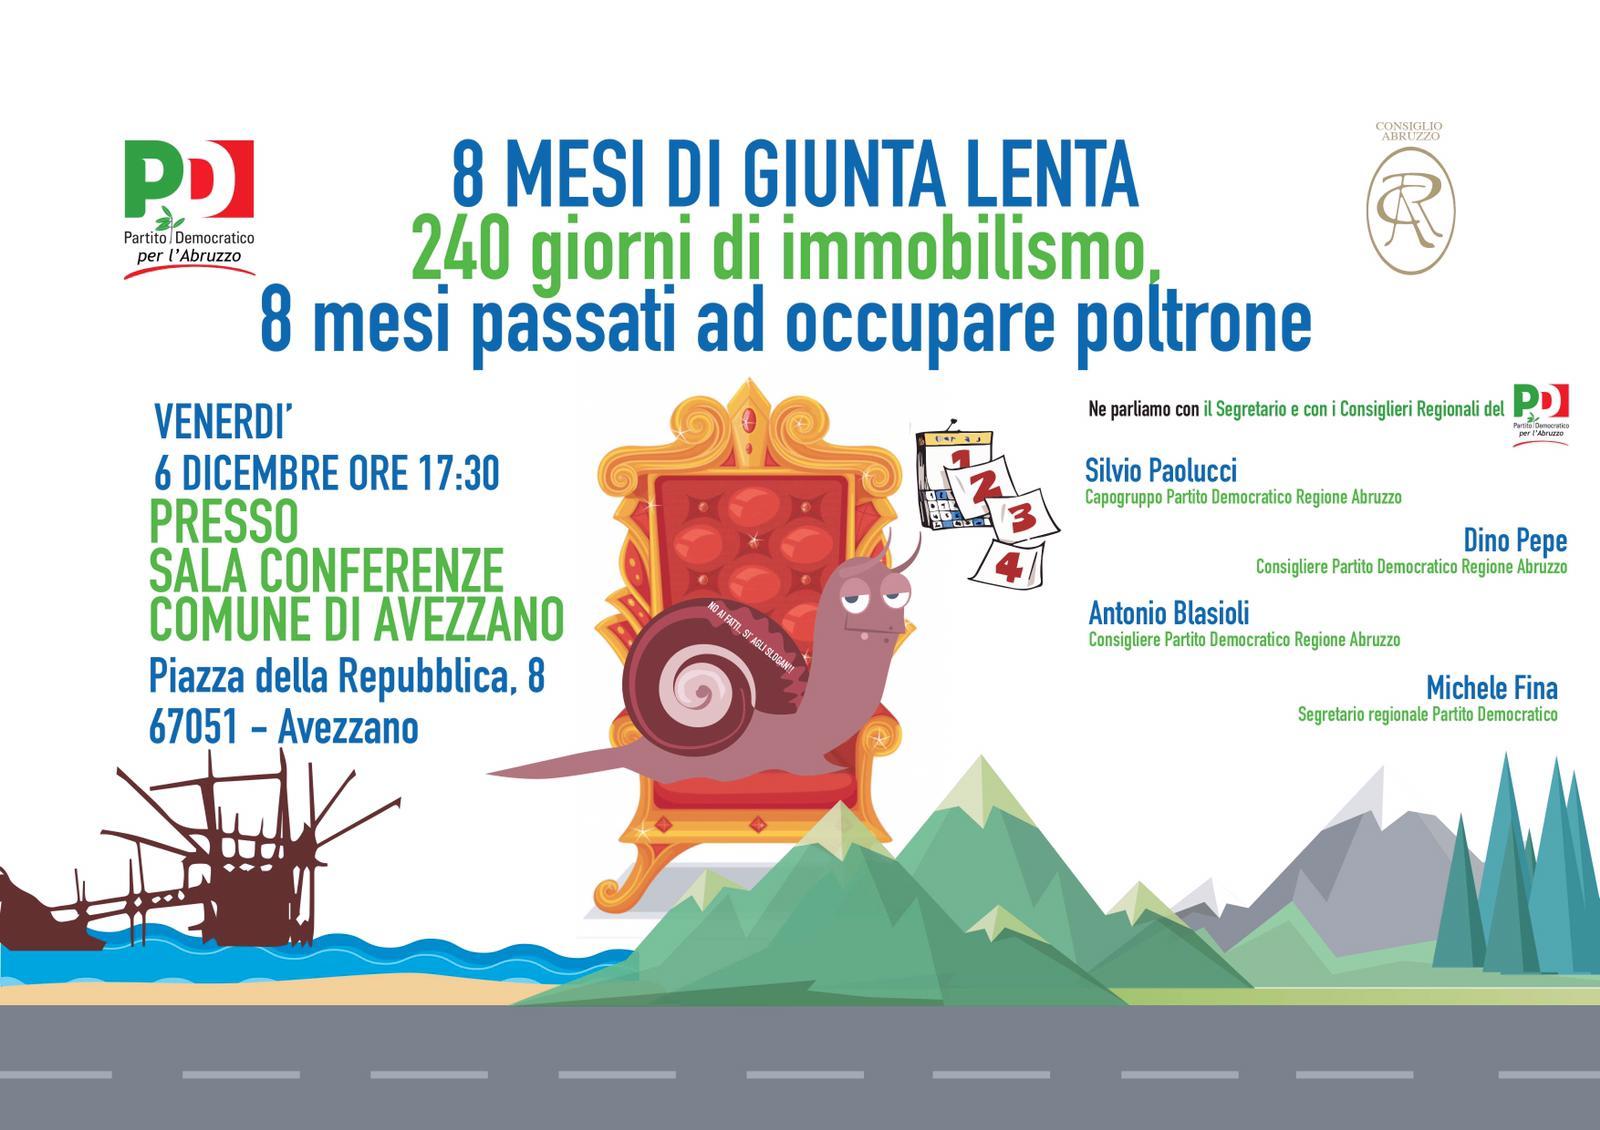 Venerdì 6 dicembre ore 17,30 sala conferenze del Comune di Avezzano incontro pubblico con i consiglieri Regionali del Partito Democratico